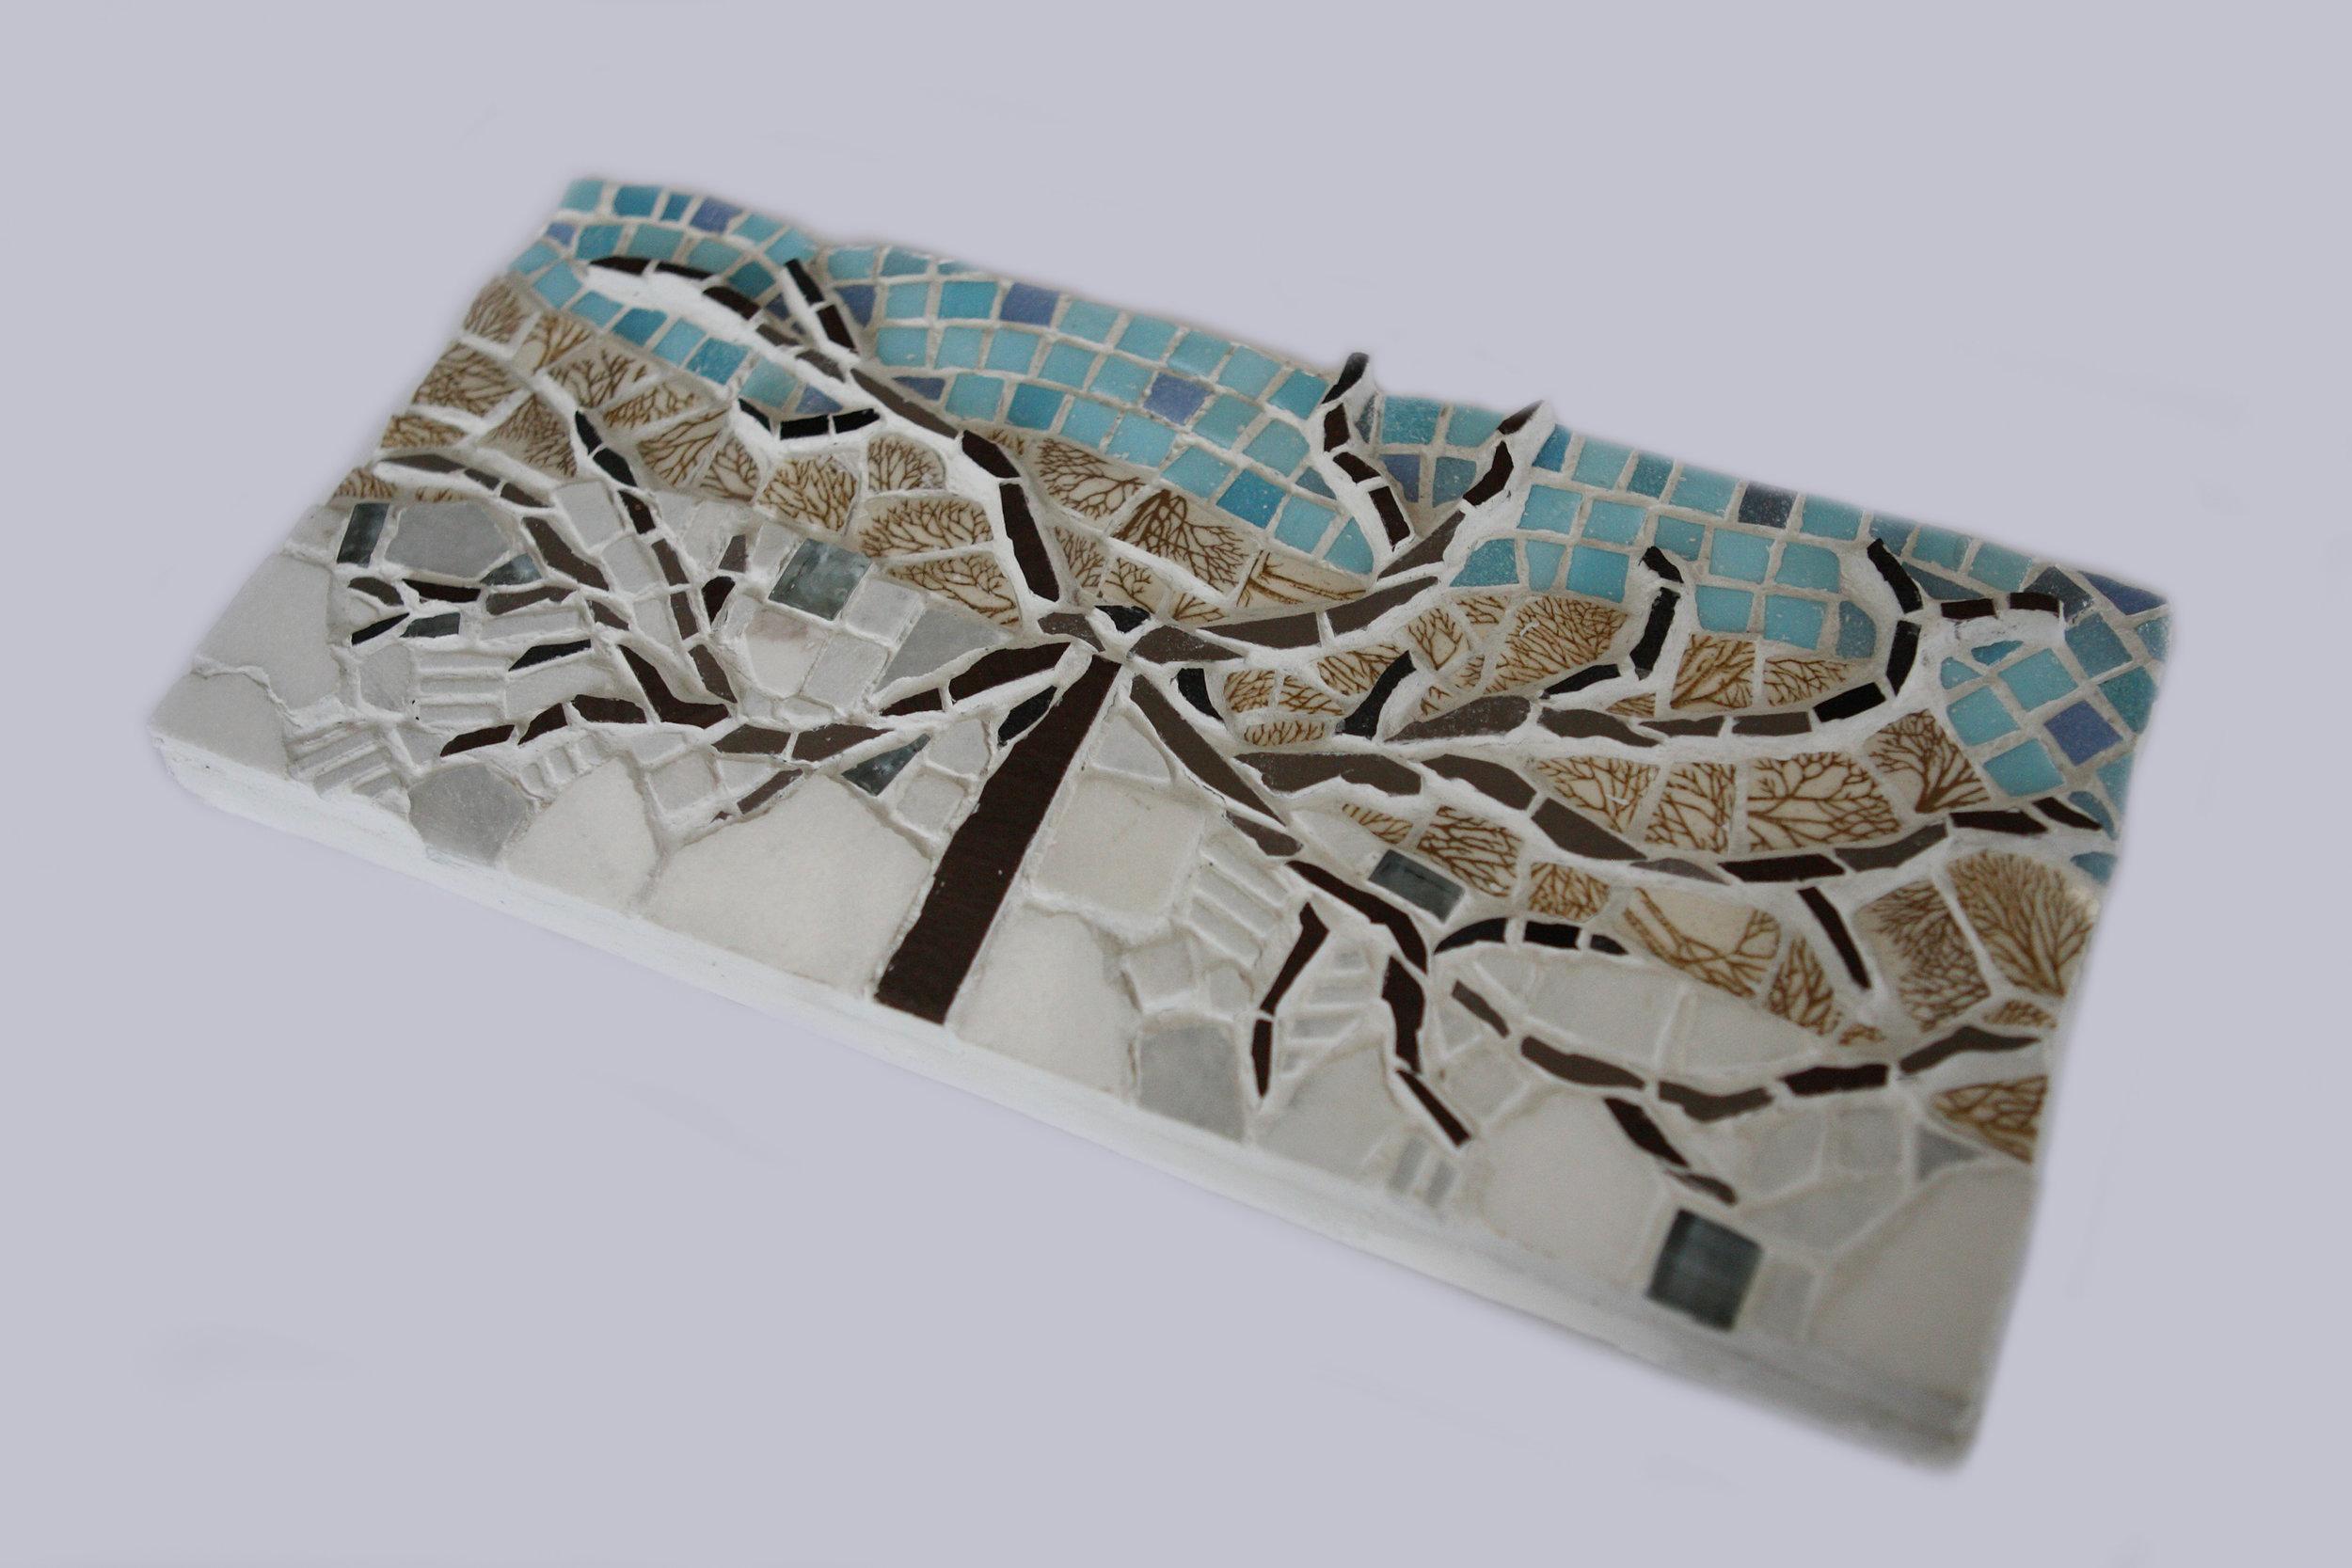 Mosaic_048.JPG